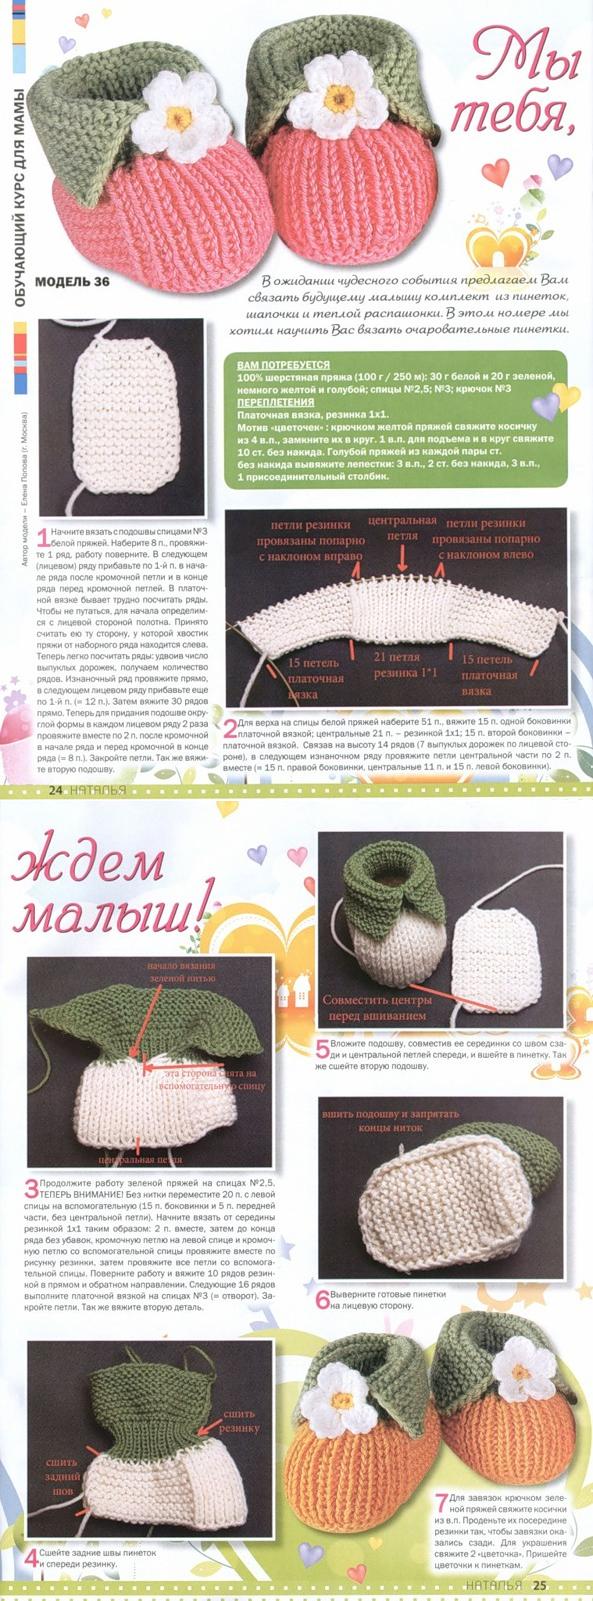 Пинетки зефирки для новорожденных: как связать спицами, пошаговое описание для начинающих, без шва на подошве, схемы, фото